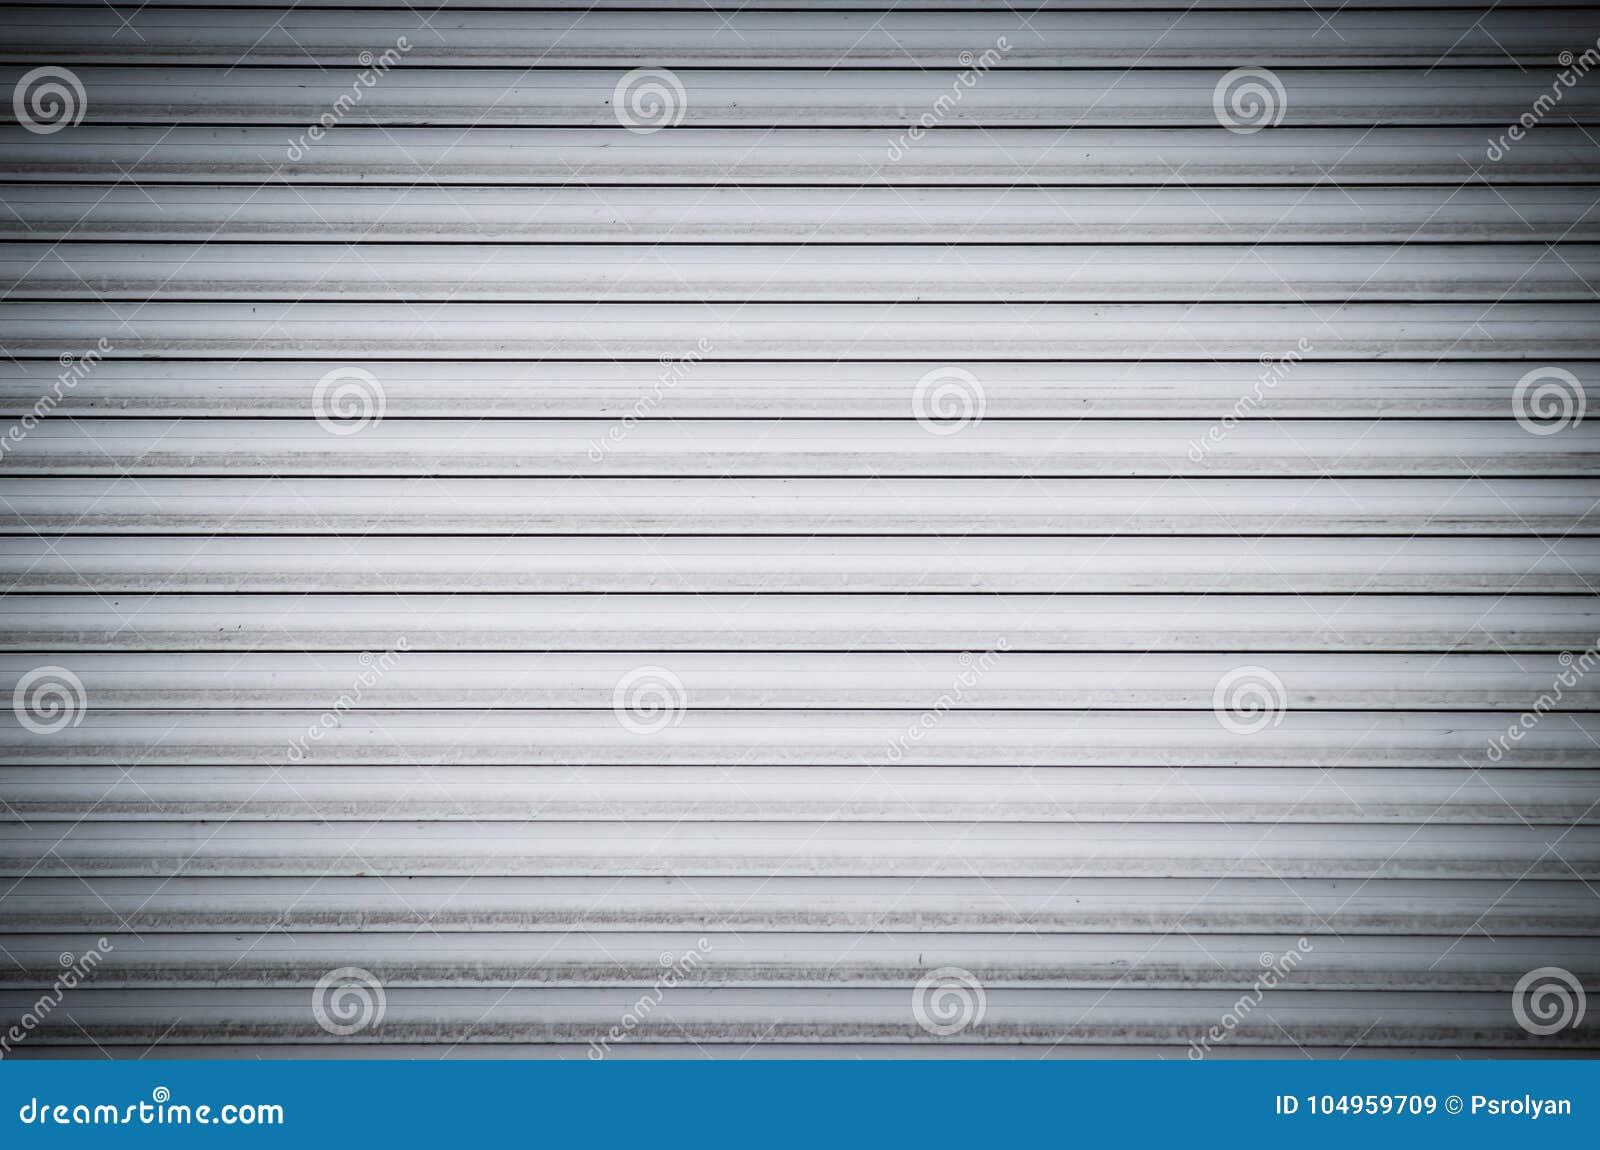 De abstracte witte deur van broodjes metaalblinden met horizontale lijnen Achtergrond